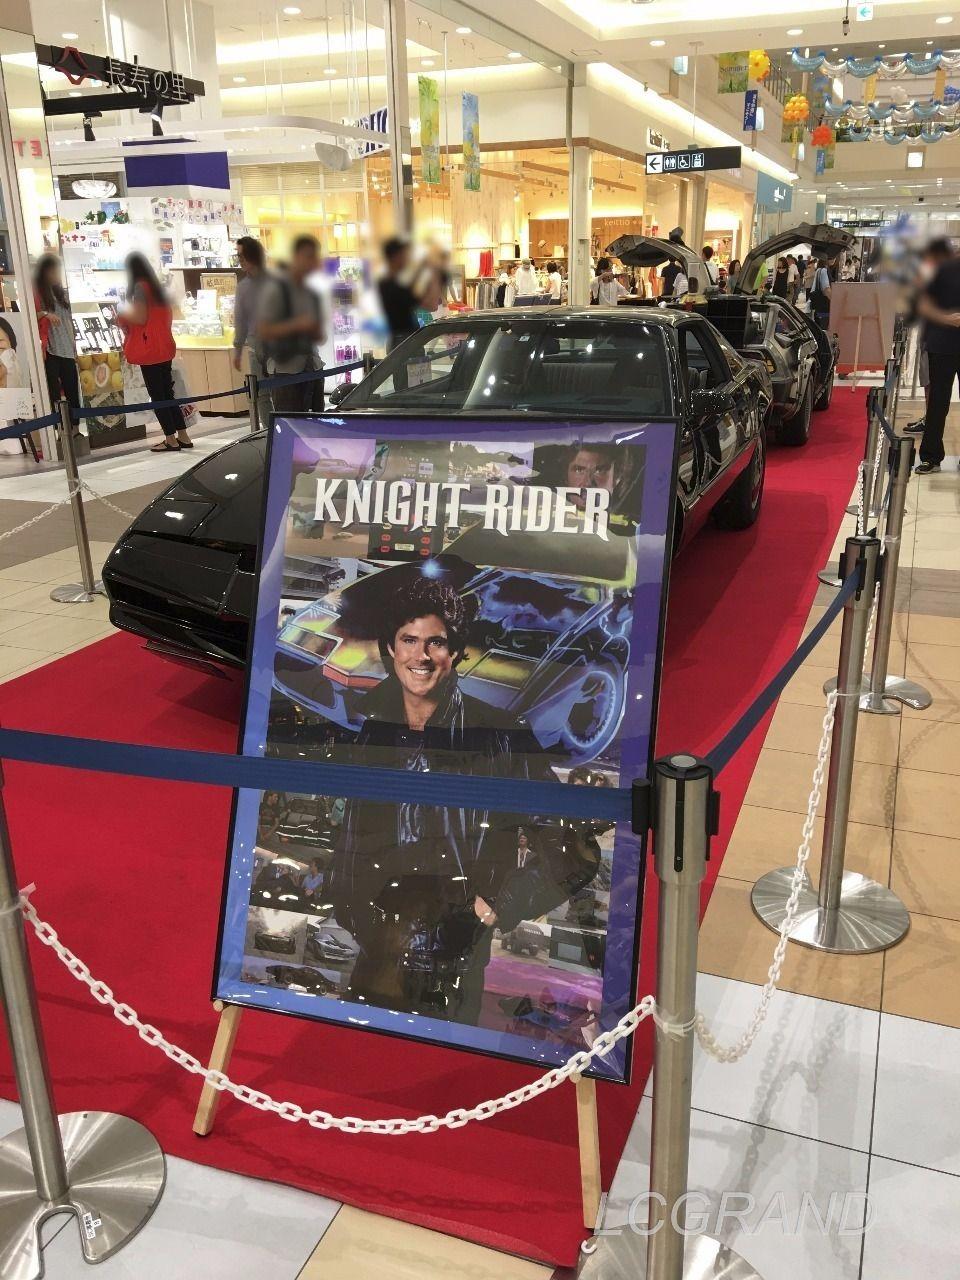 ナイト2000の前に主人公マイケルナイトが写ったポスター